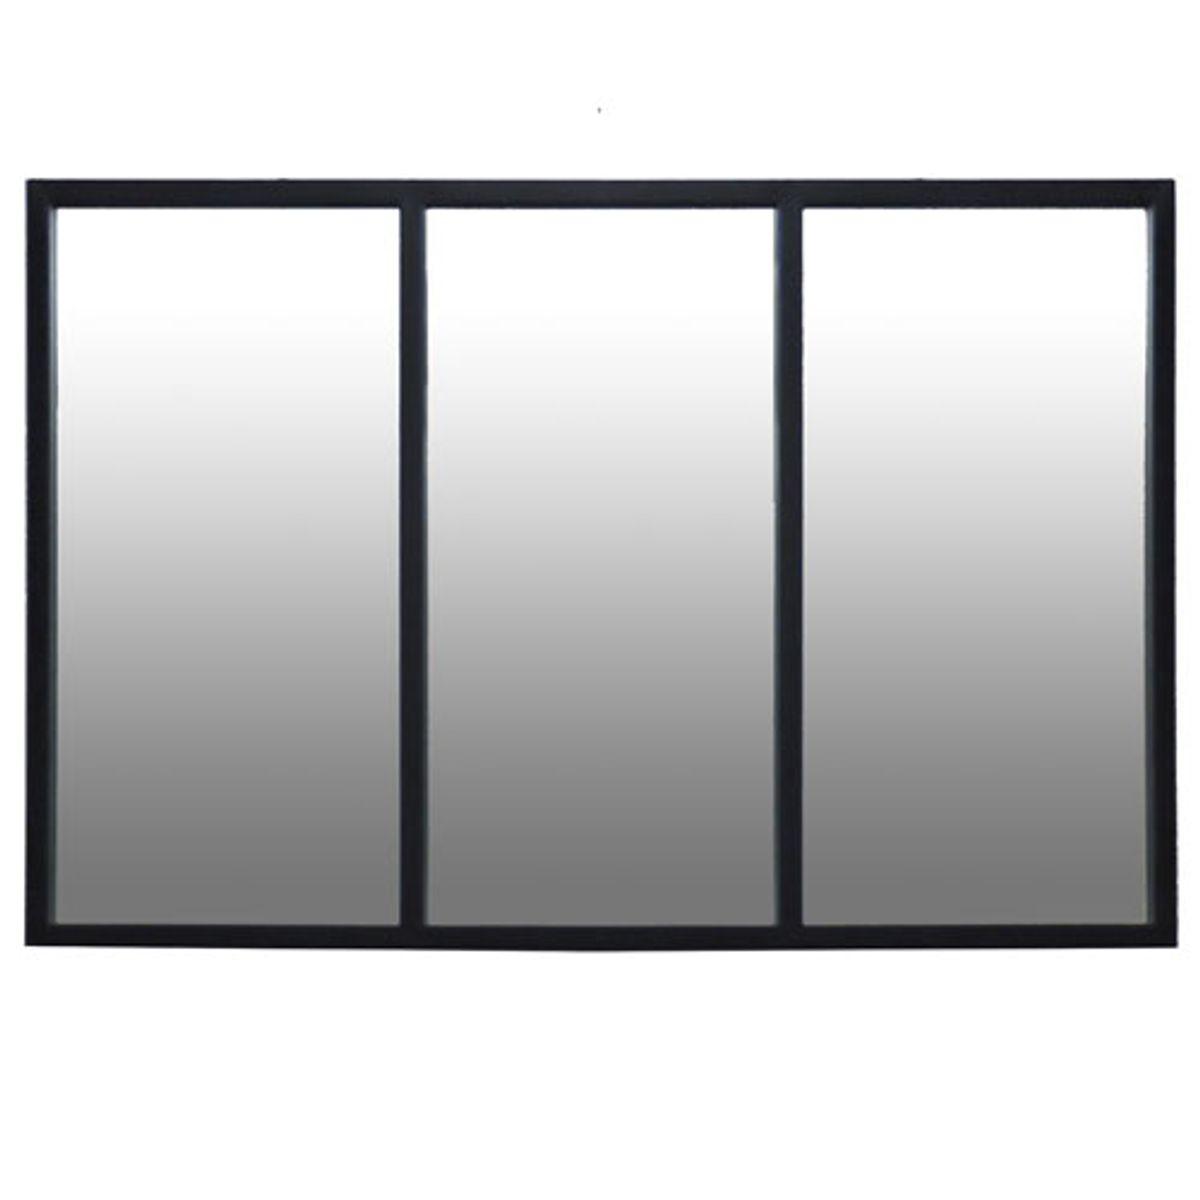 Miroir atelier verrière en métal noir 60x90